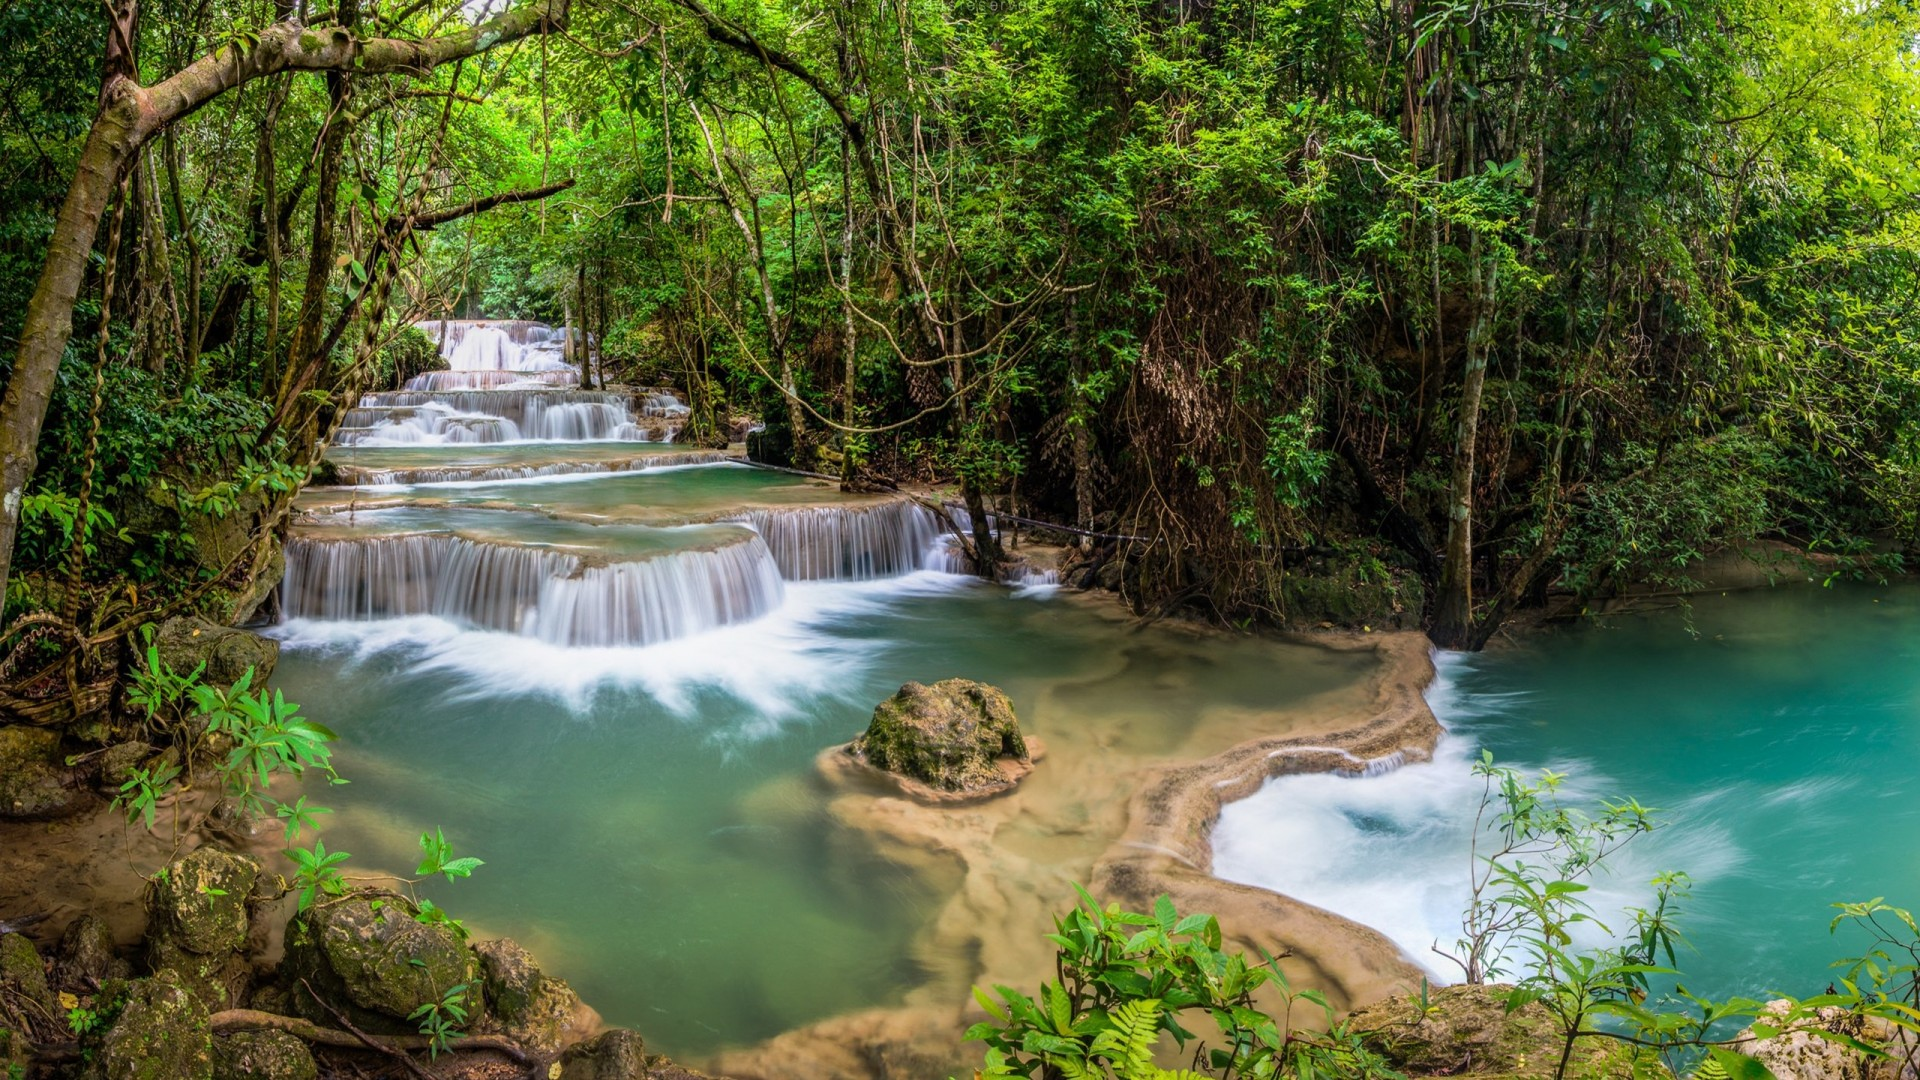 Waterfall_Kanjanaburi_Thailand_river_jungle_forest-2560x1600-1920x1080.jpg